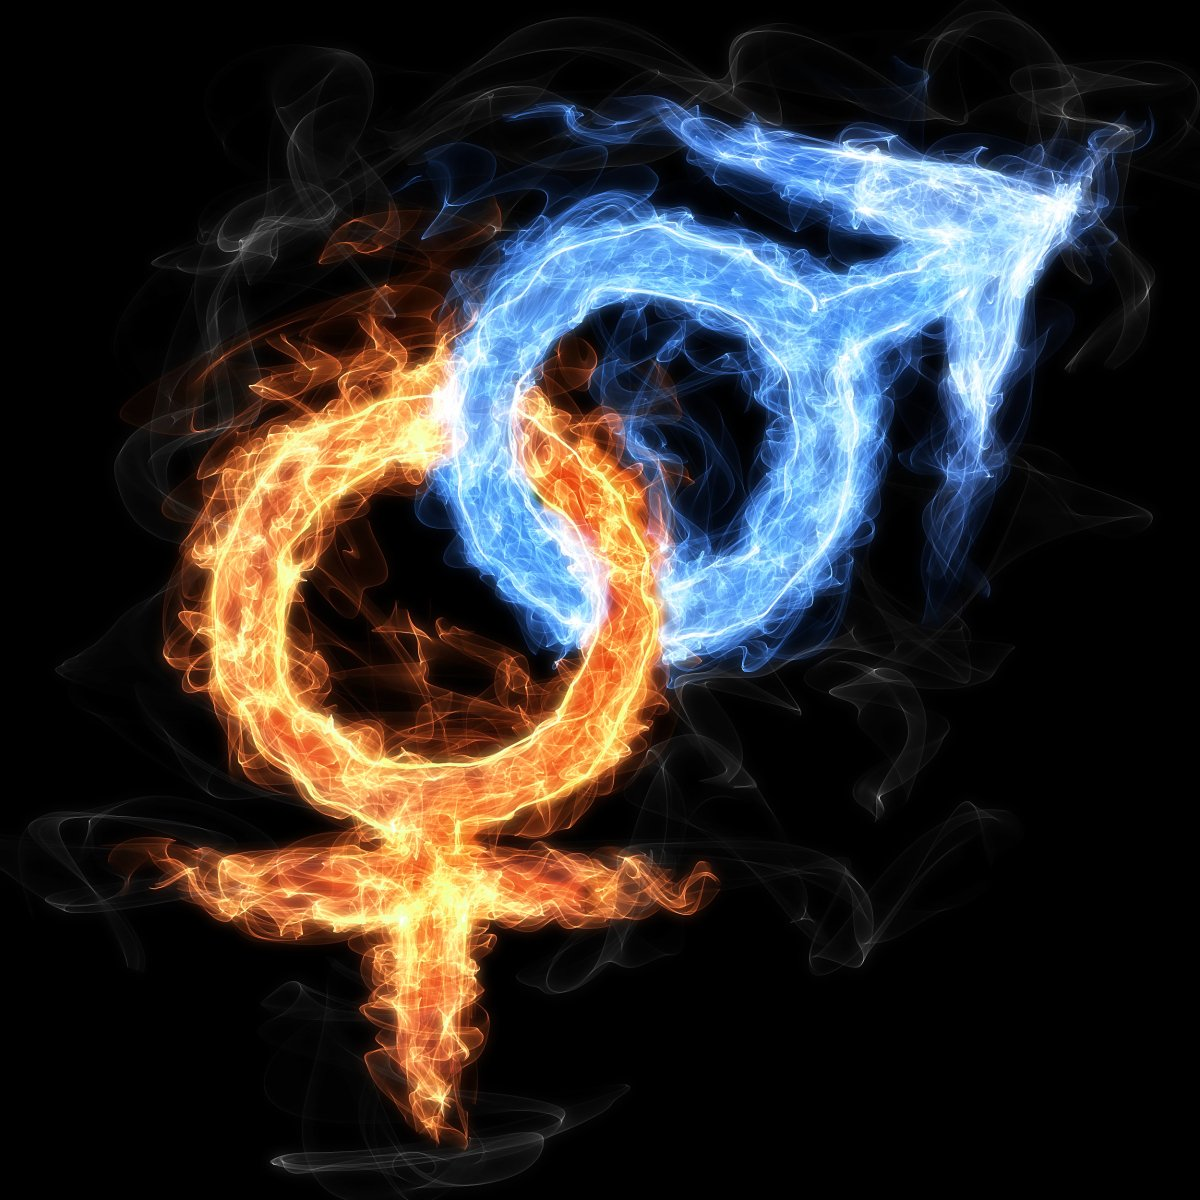 Najbolji seksualni položaj prema Vašem horoskopskom znaku!